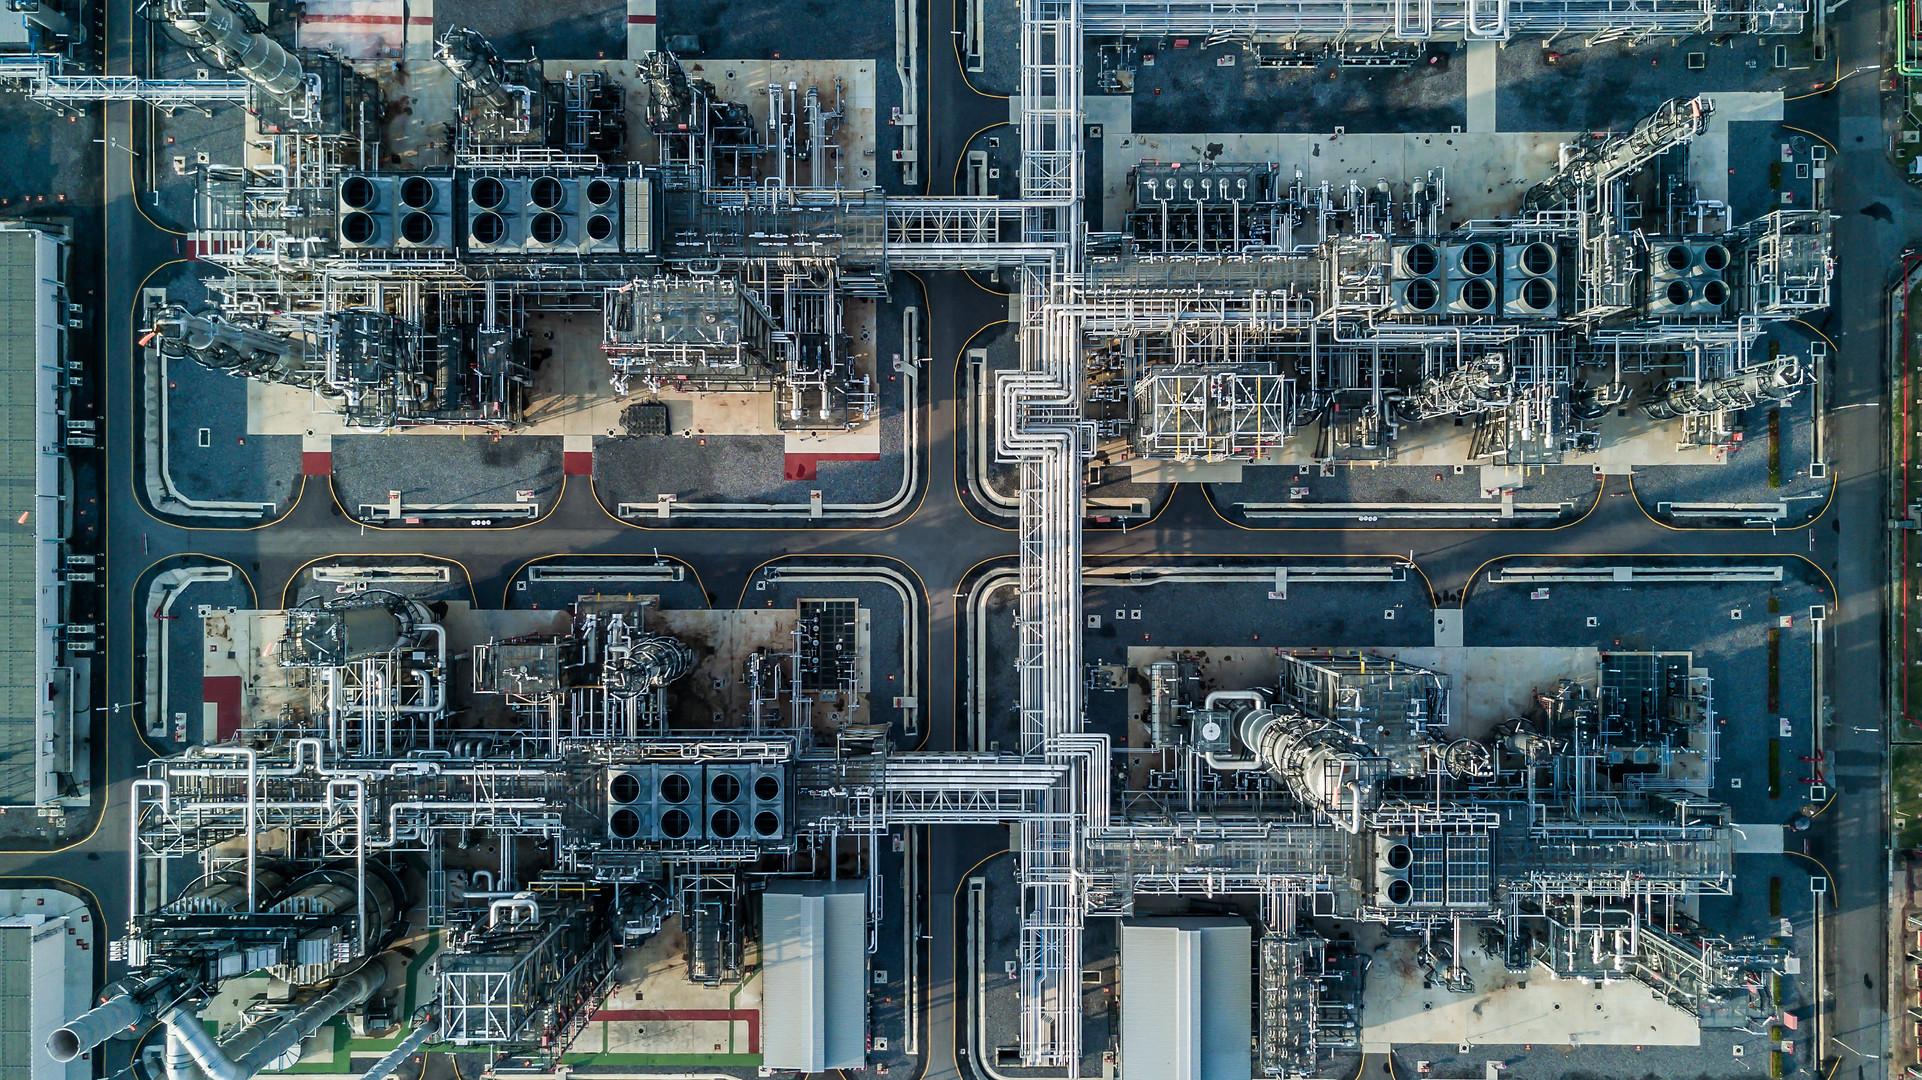 Site industriel inspection visuelle